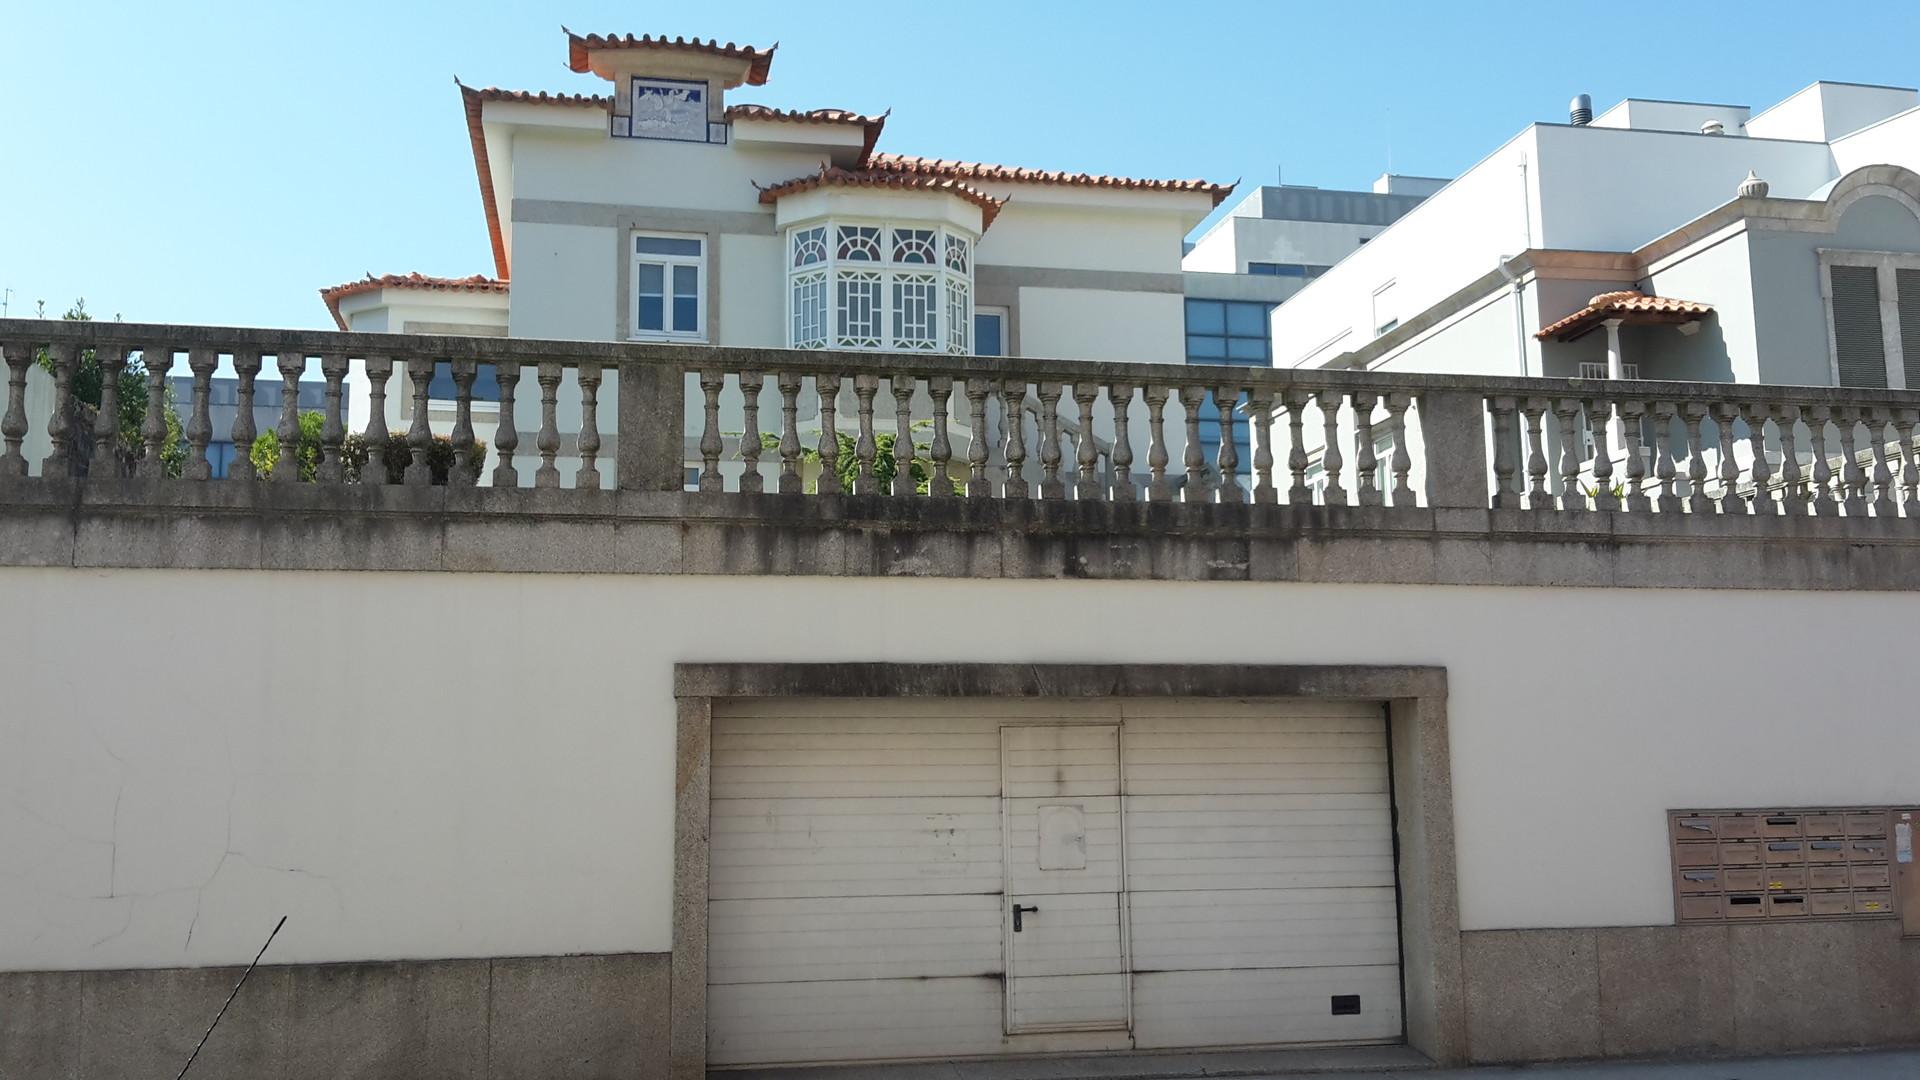 estudio-boavista-porto-1866c4a51ba0f83466a1654d4d756b71